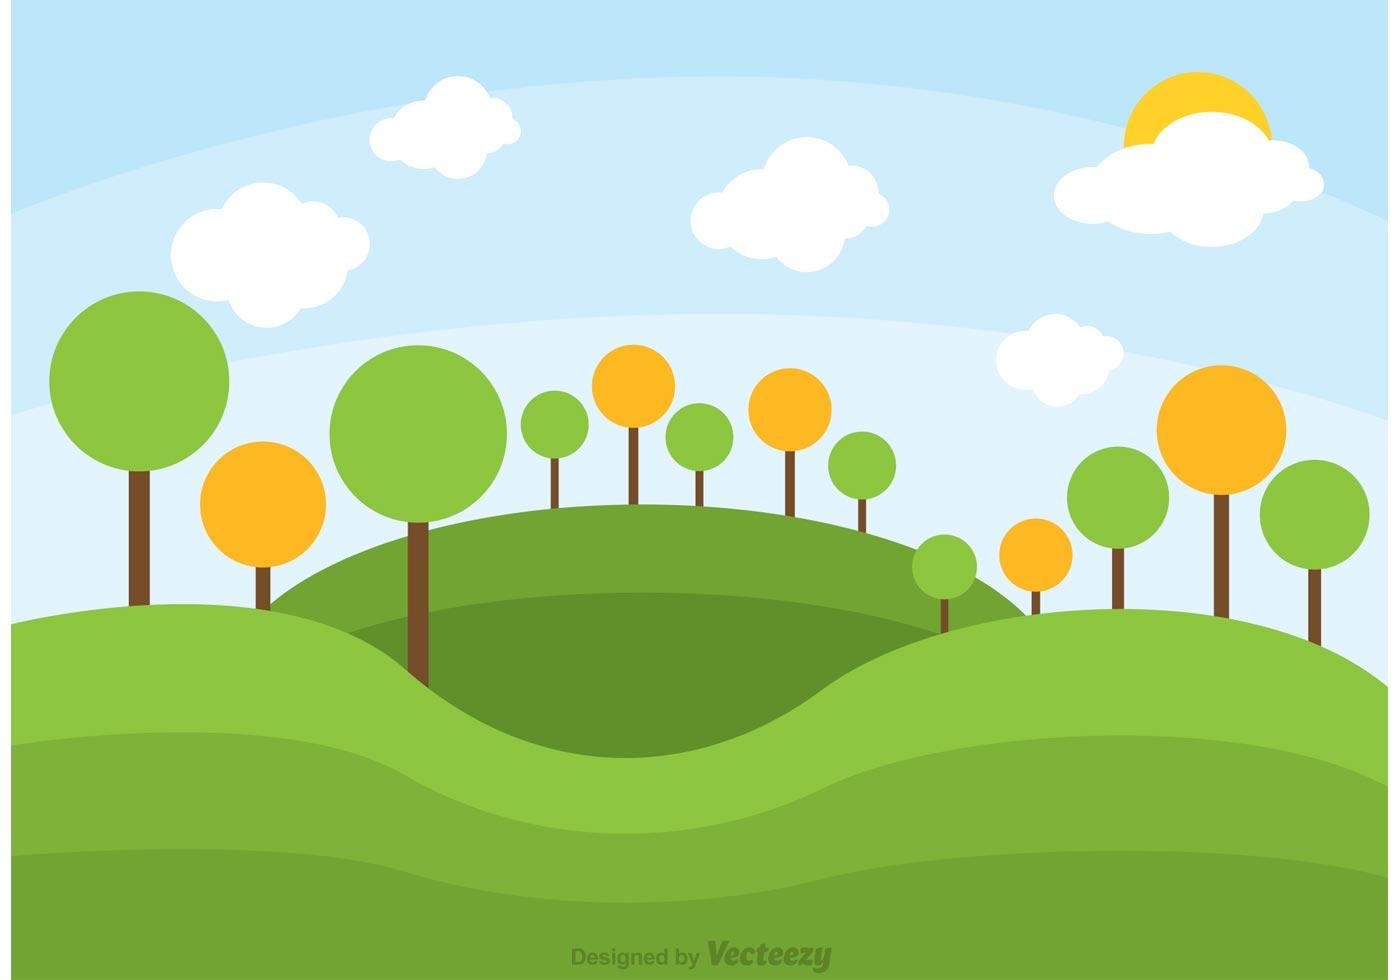 Landscape Illustration Vector Free: Rolling Hills Landscape Vector